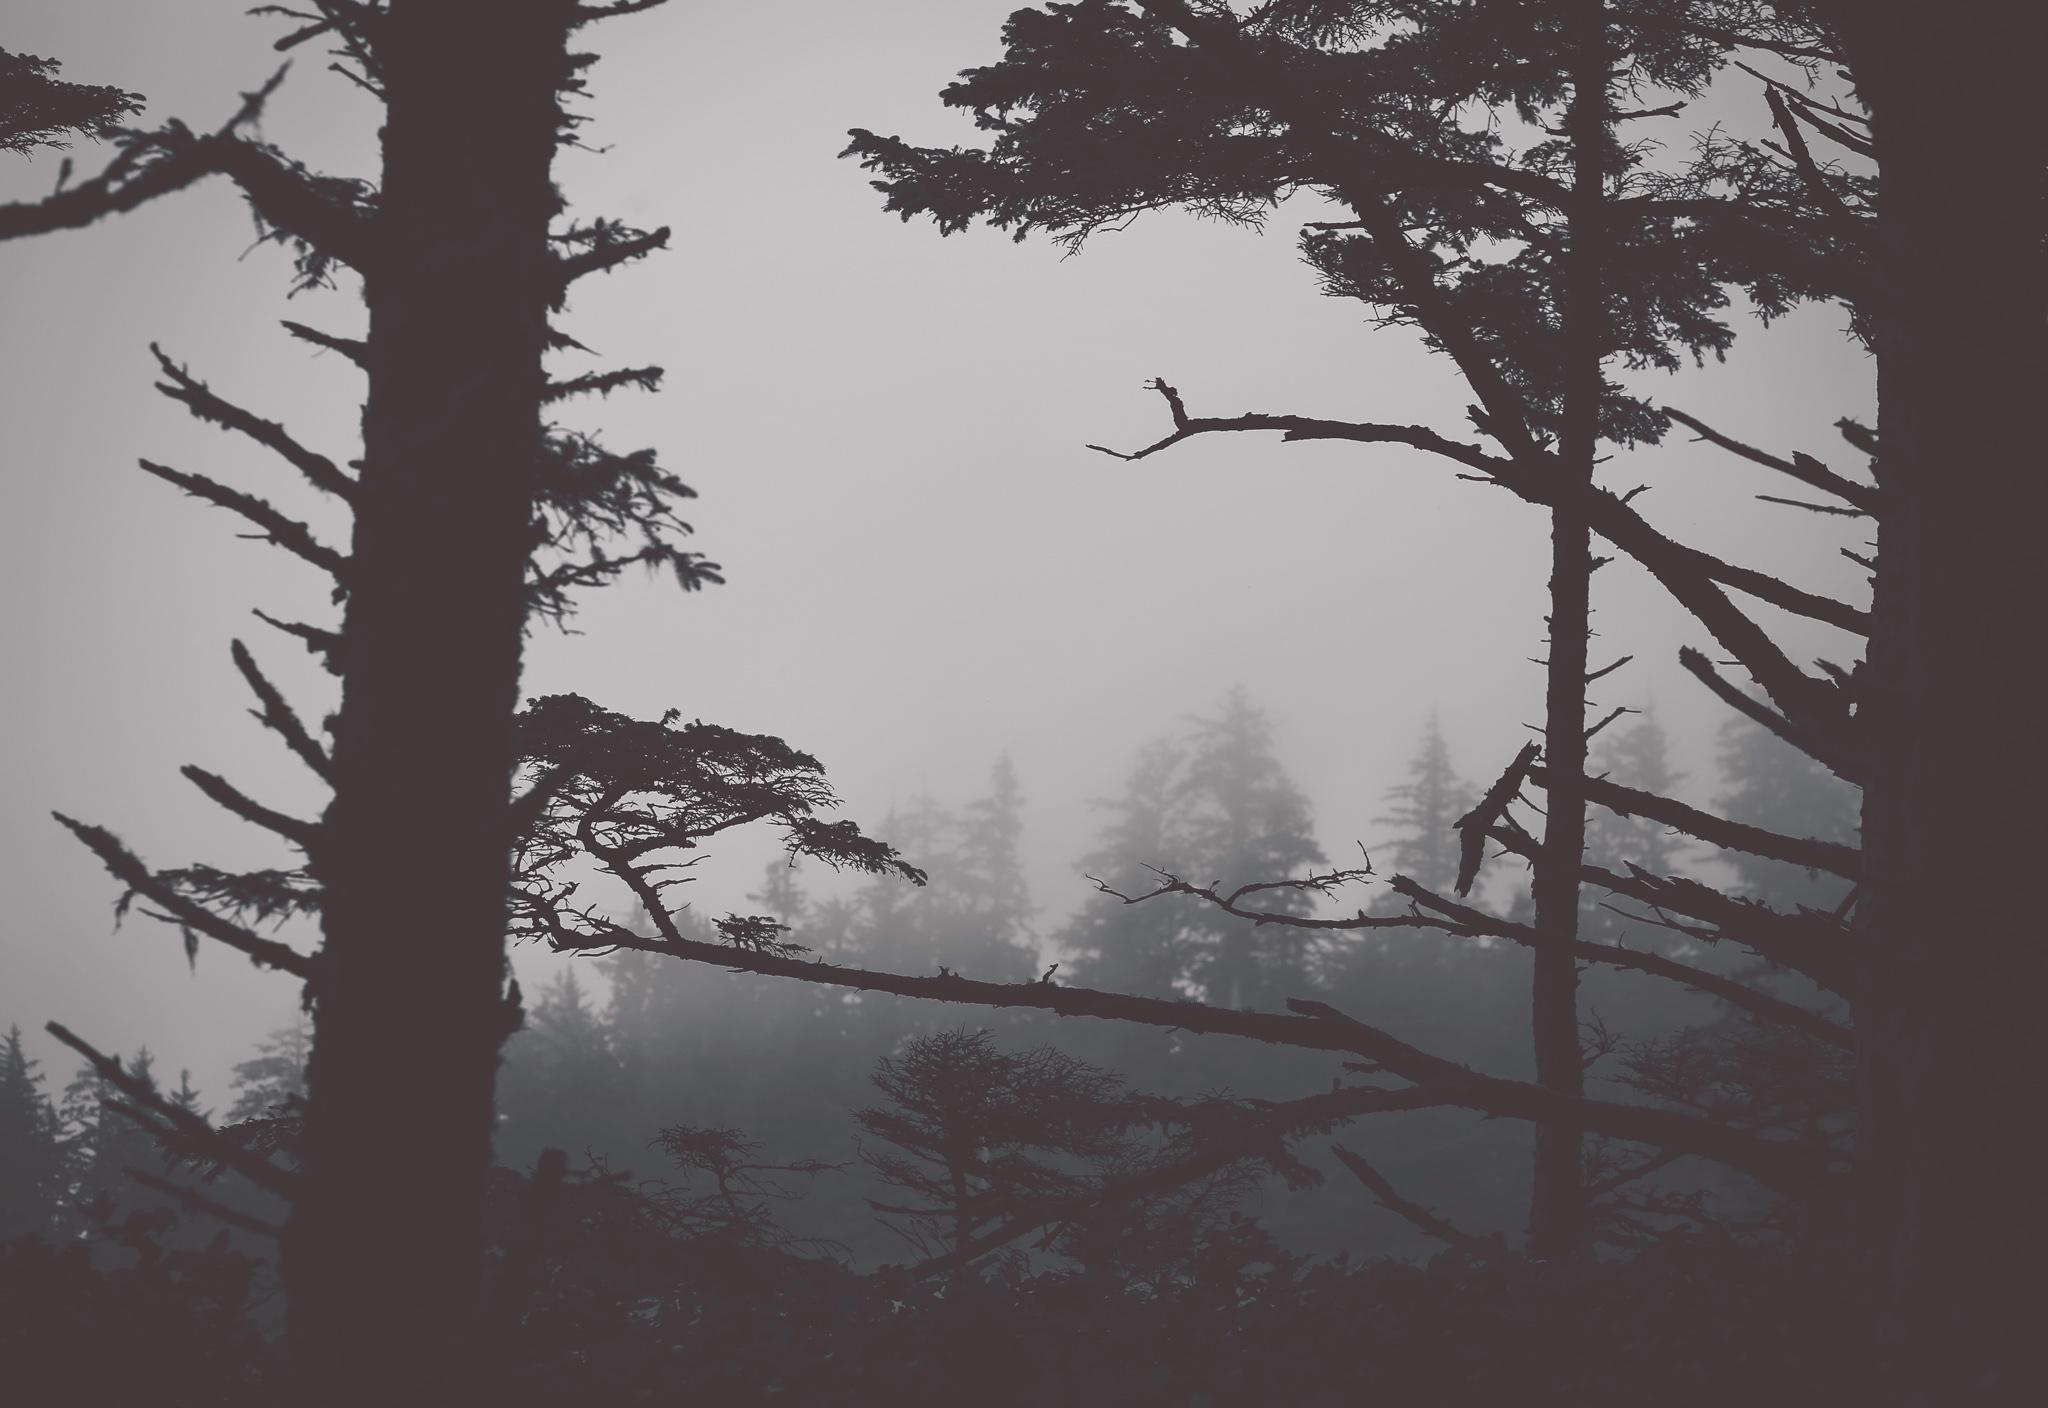 moody oregon coast, black and white, jennifer picard photography, travel photographer